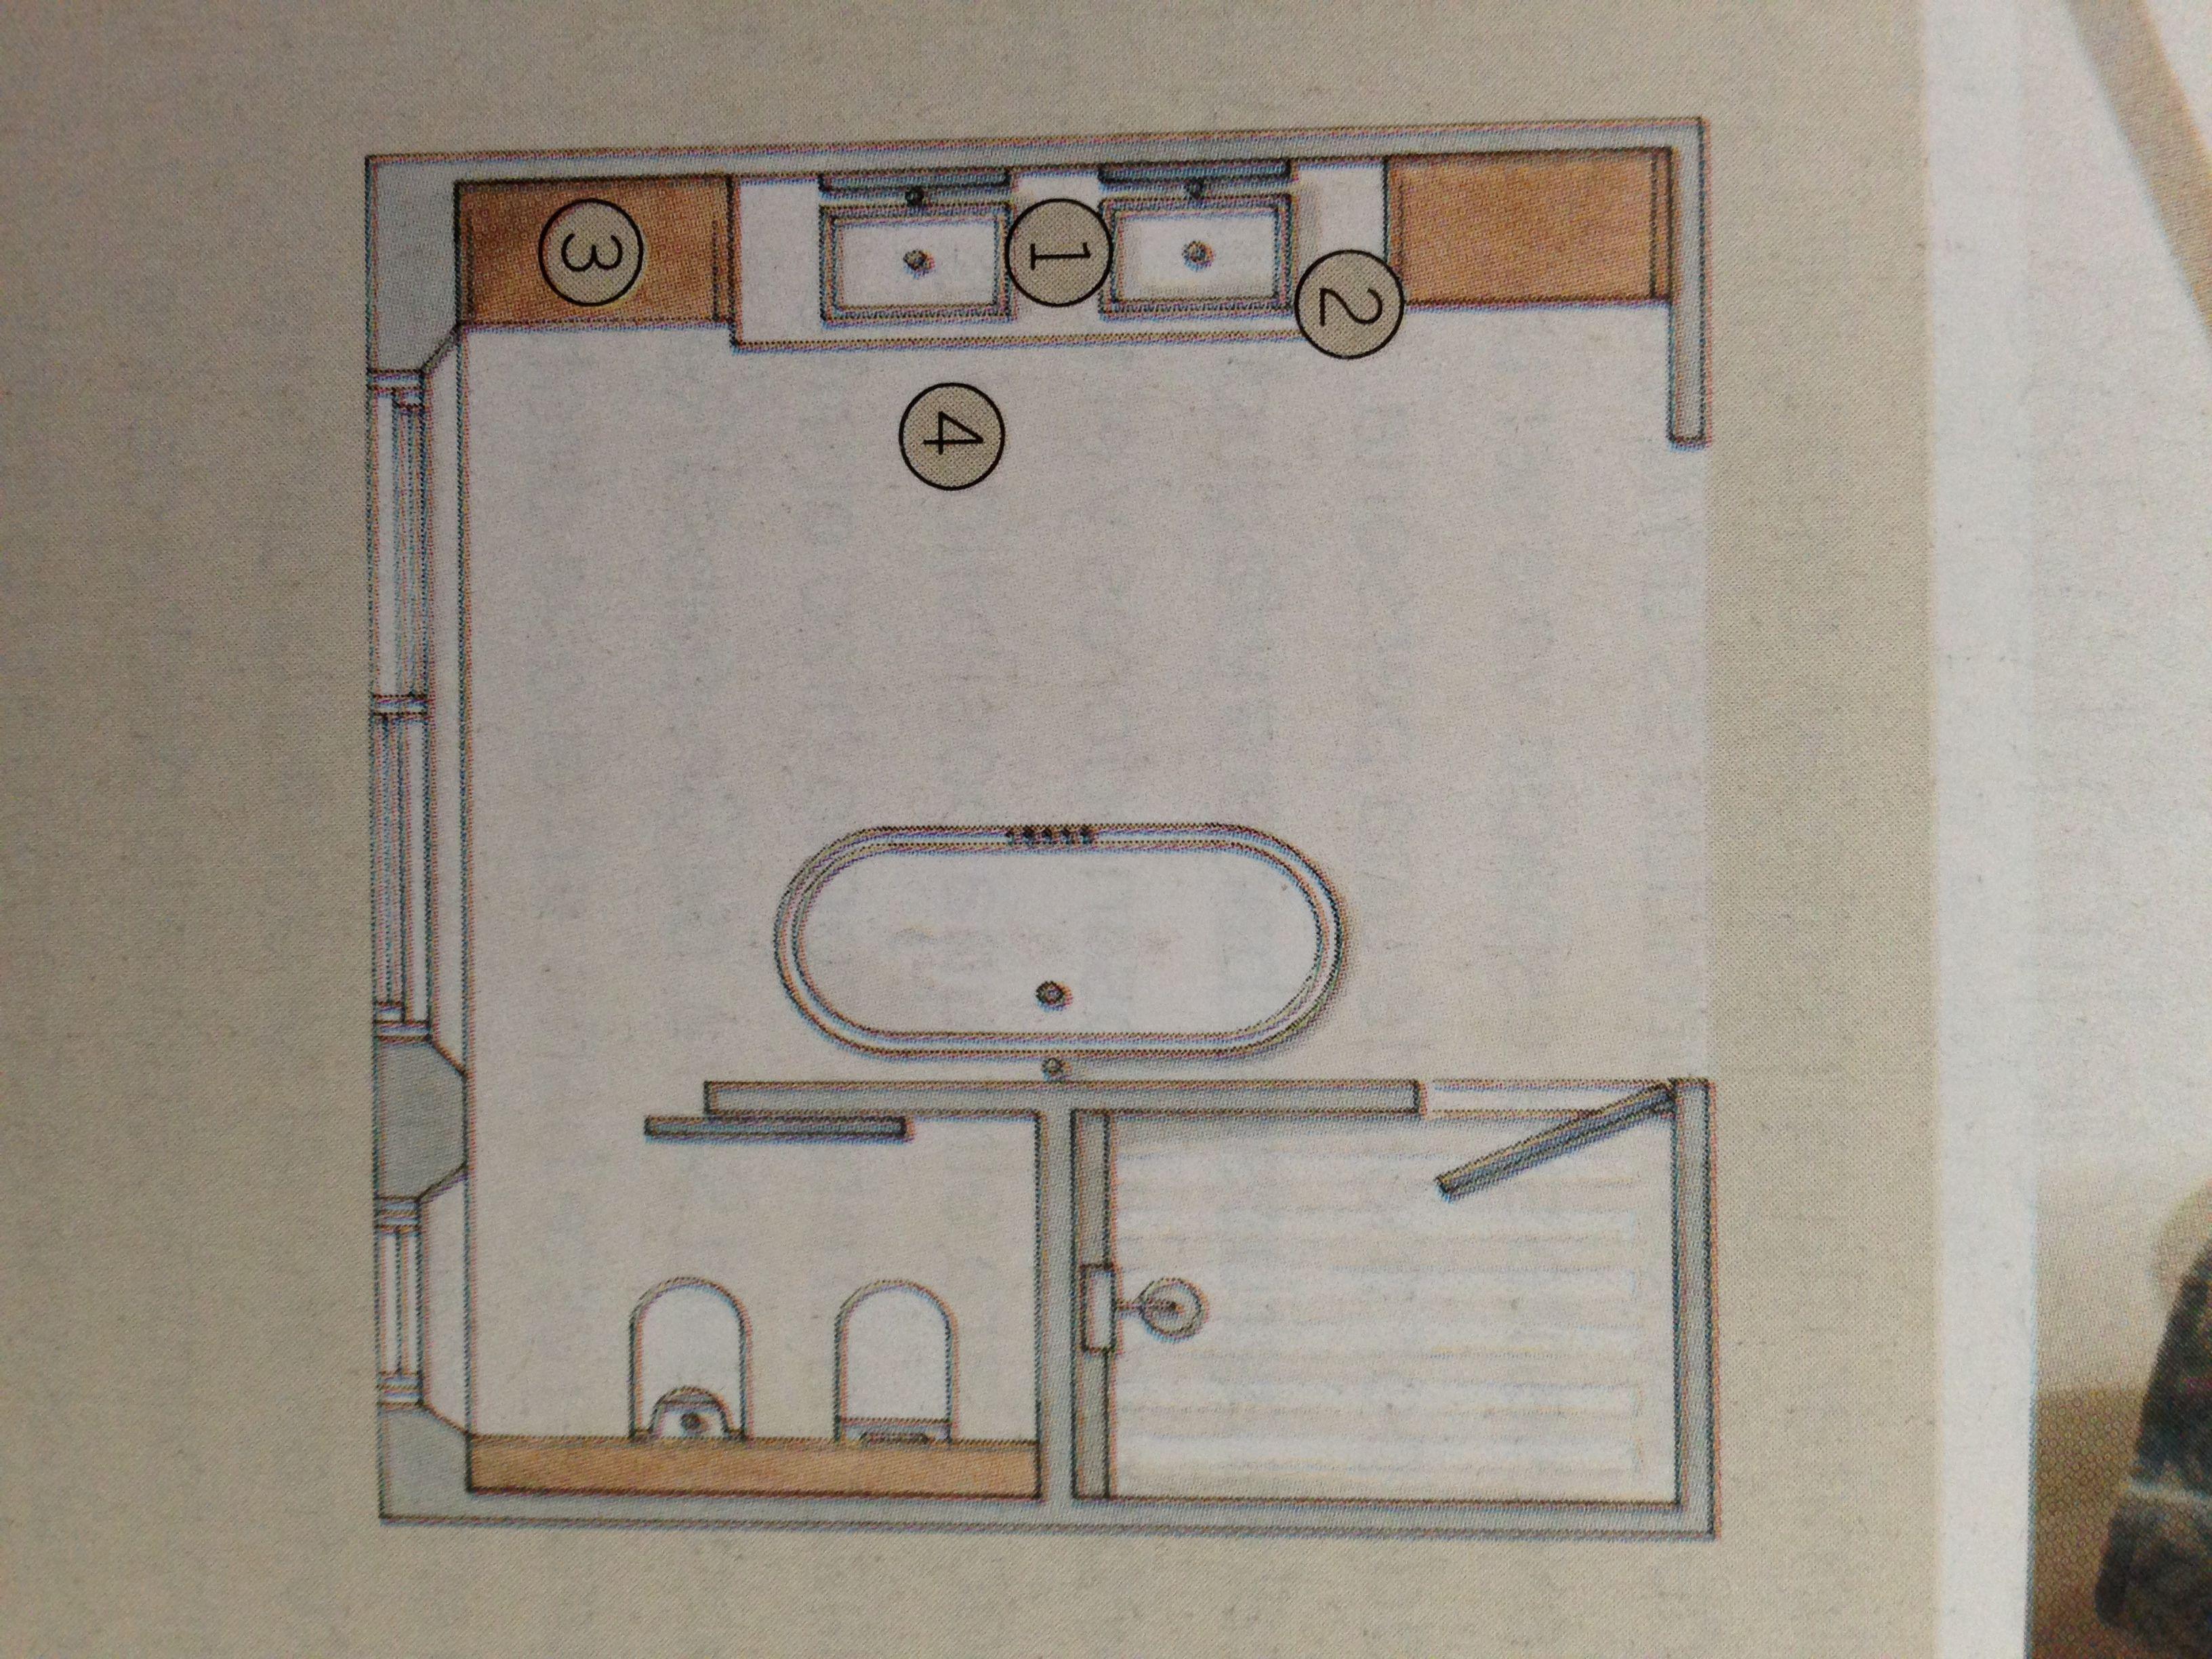 Voorbeeld Plattegrond Badkamer : Plattegrond voor badkamer inspiratie huis badkamer